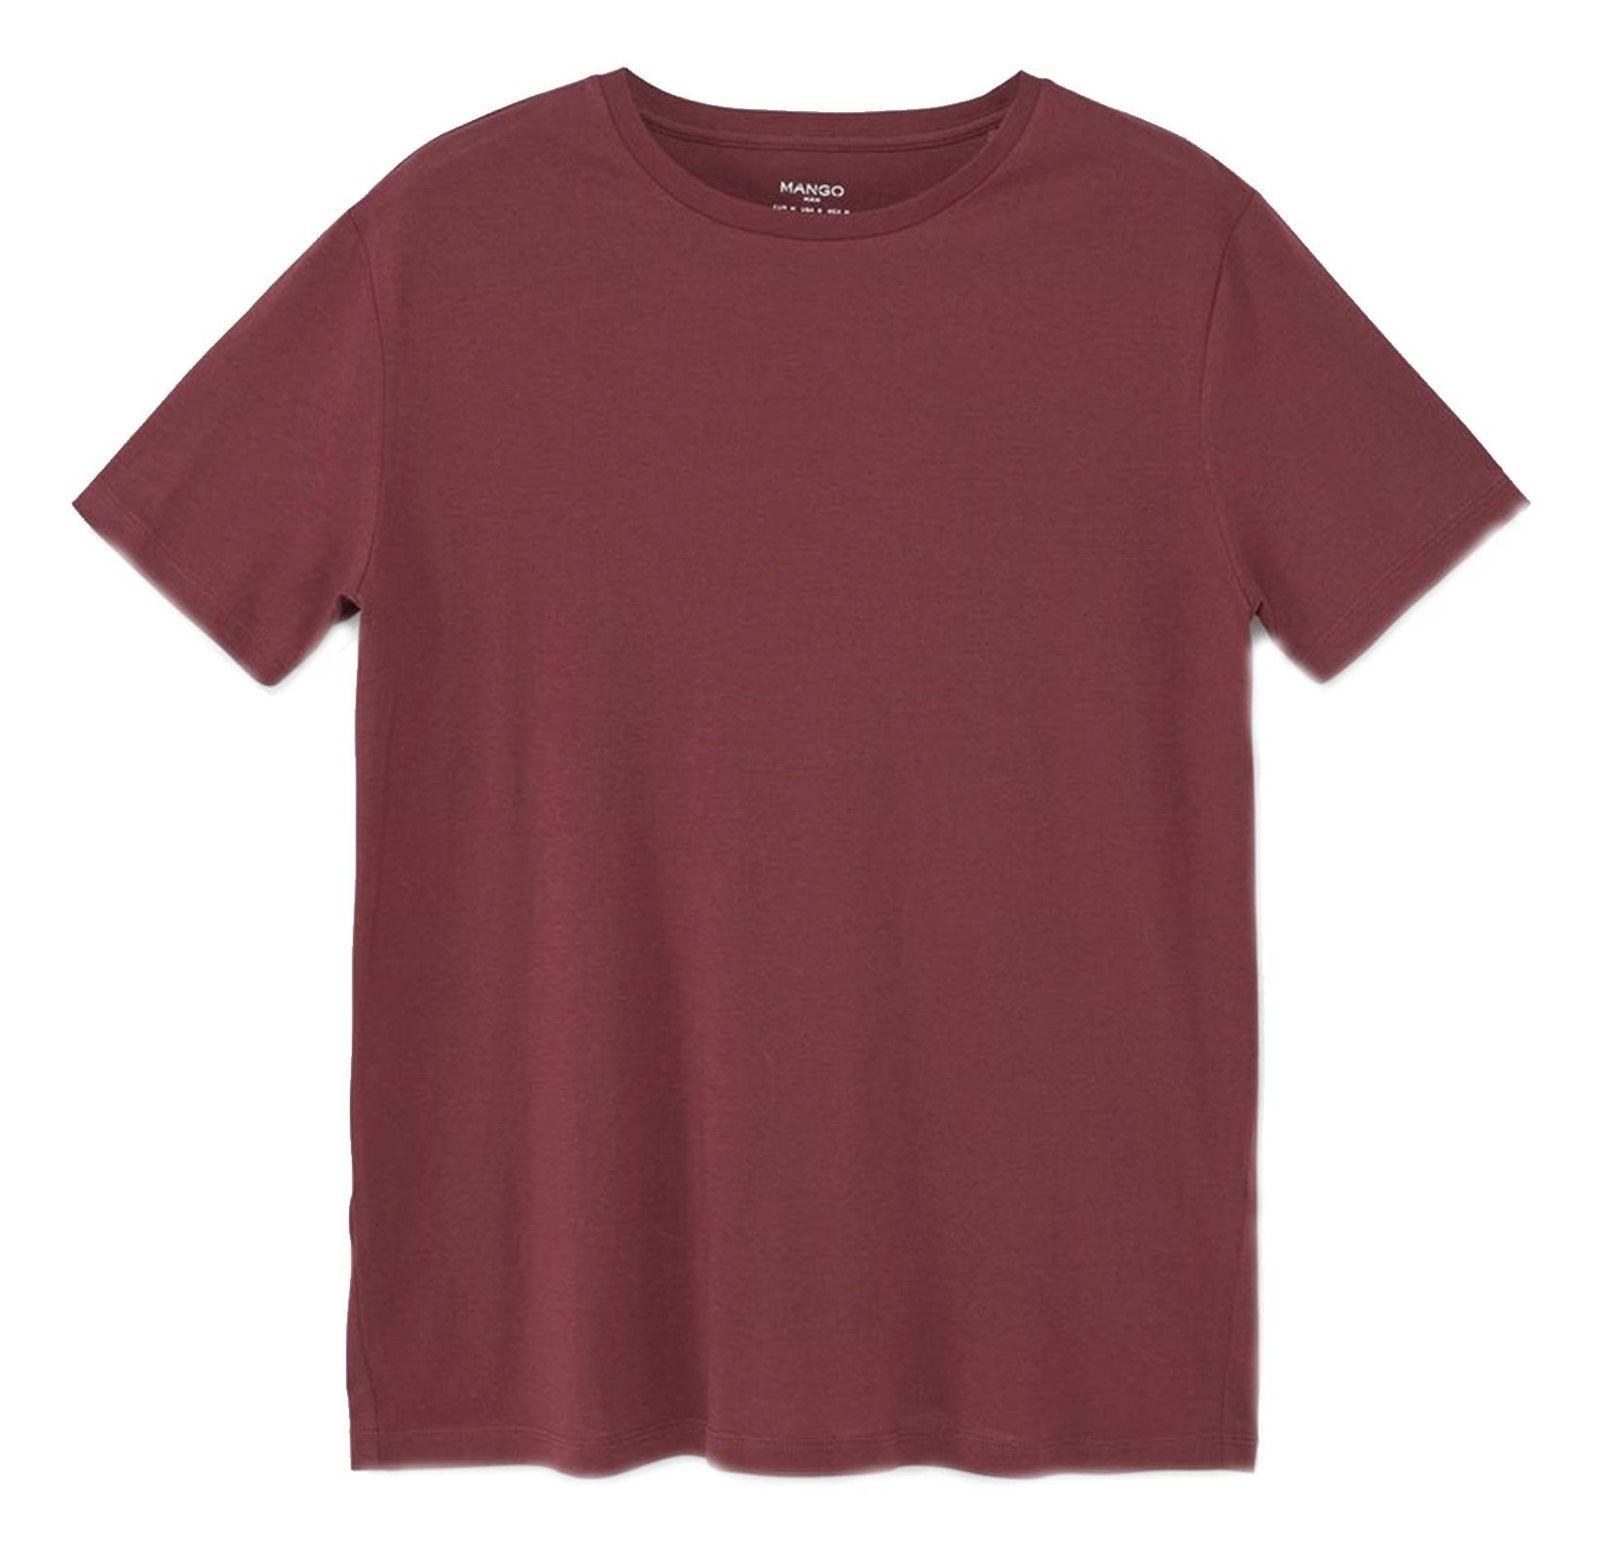 تی شرت نخی یقه گرد مردانه - مانگو - قرمز تيره - 1